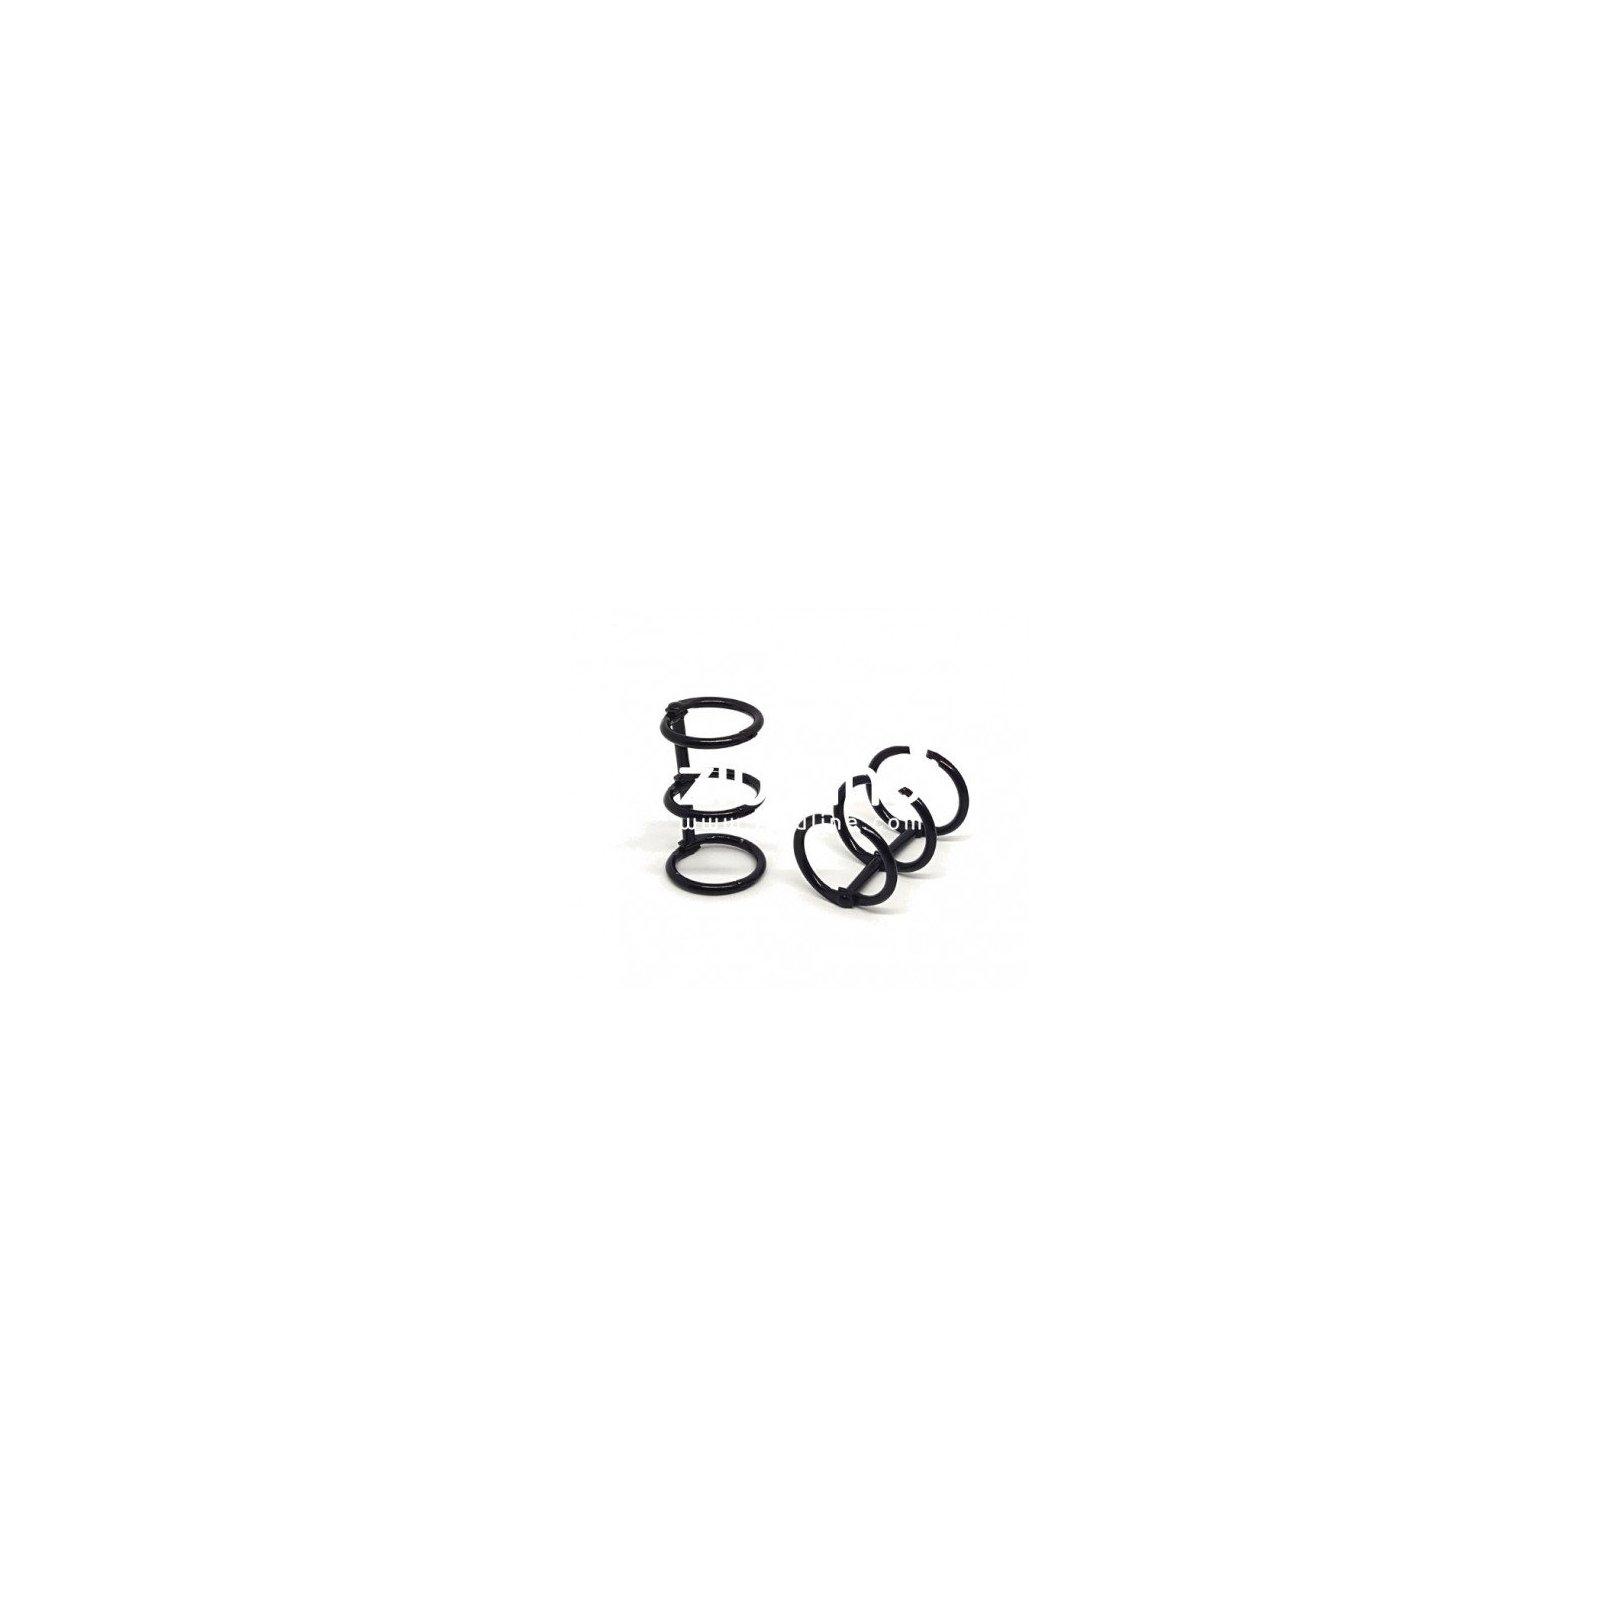 Reliure 3 anneaux 2 cm - Noir - Zibuline